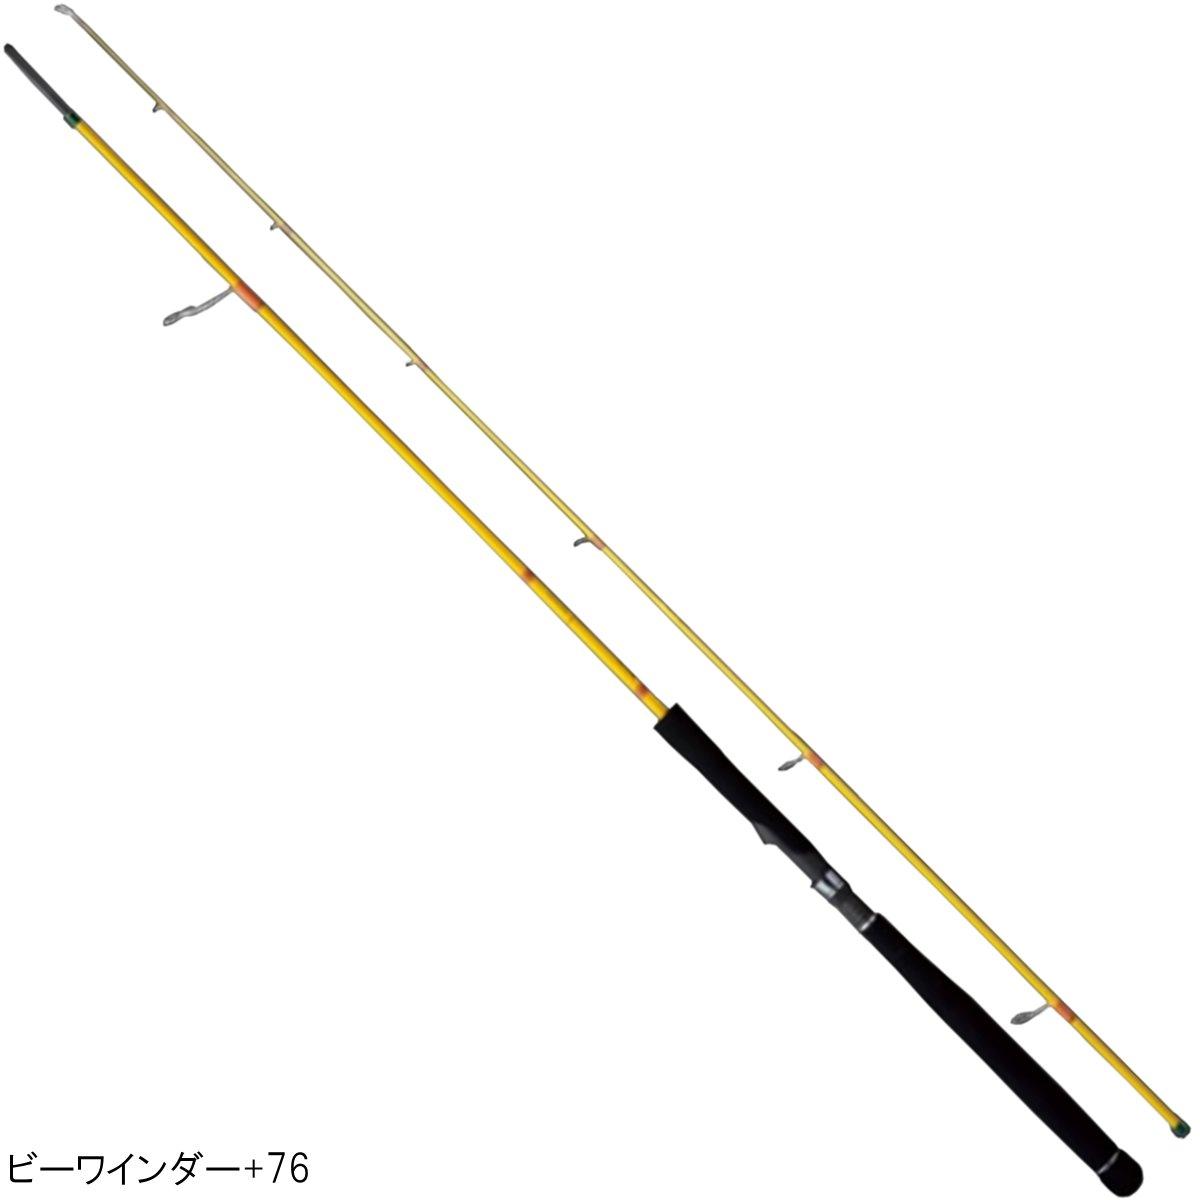 JUSTACE ビーワインダー+76【送料無料】